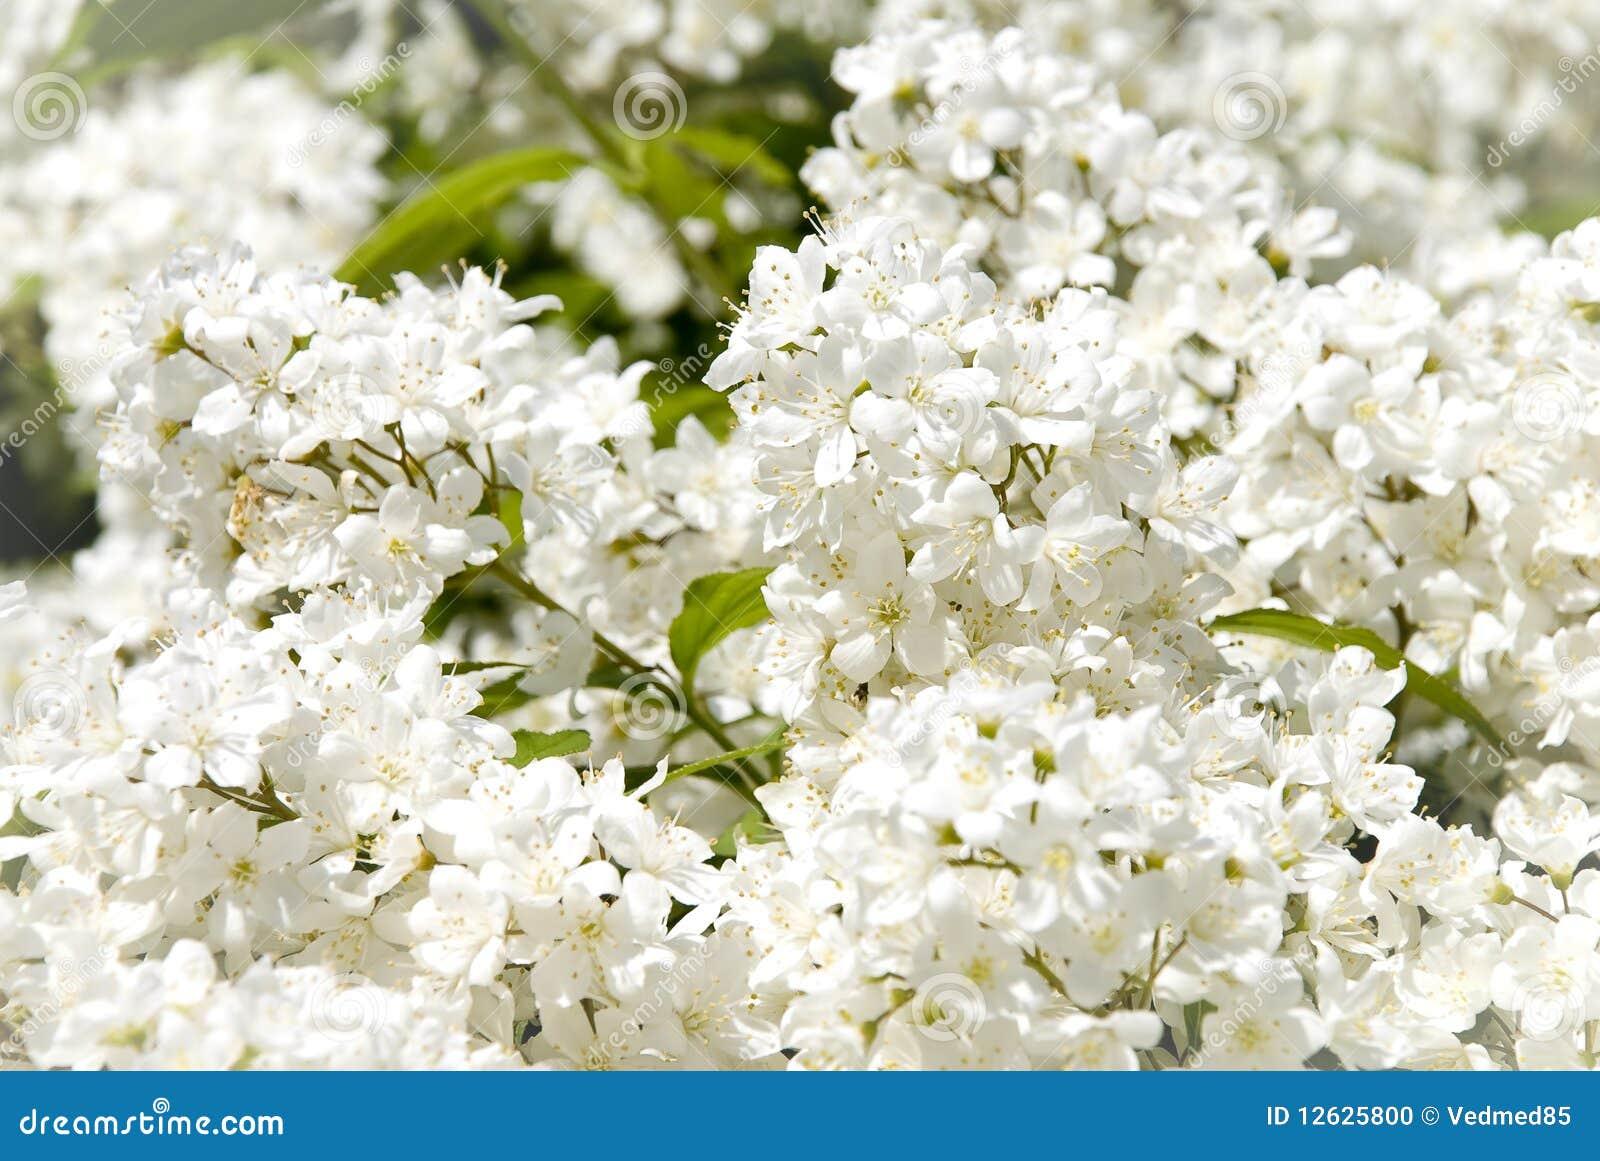 Filiale di piccoli fiori bianchi fotografia stock for Fiori piccoli bianchi